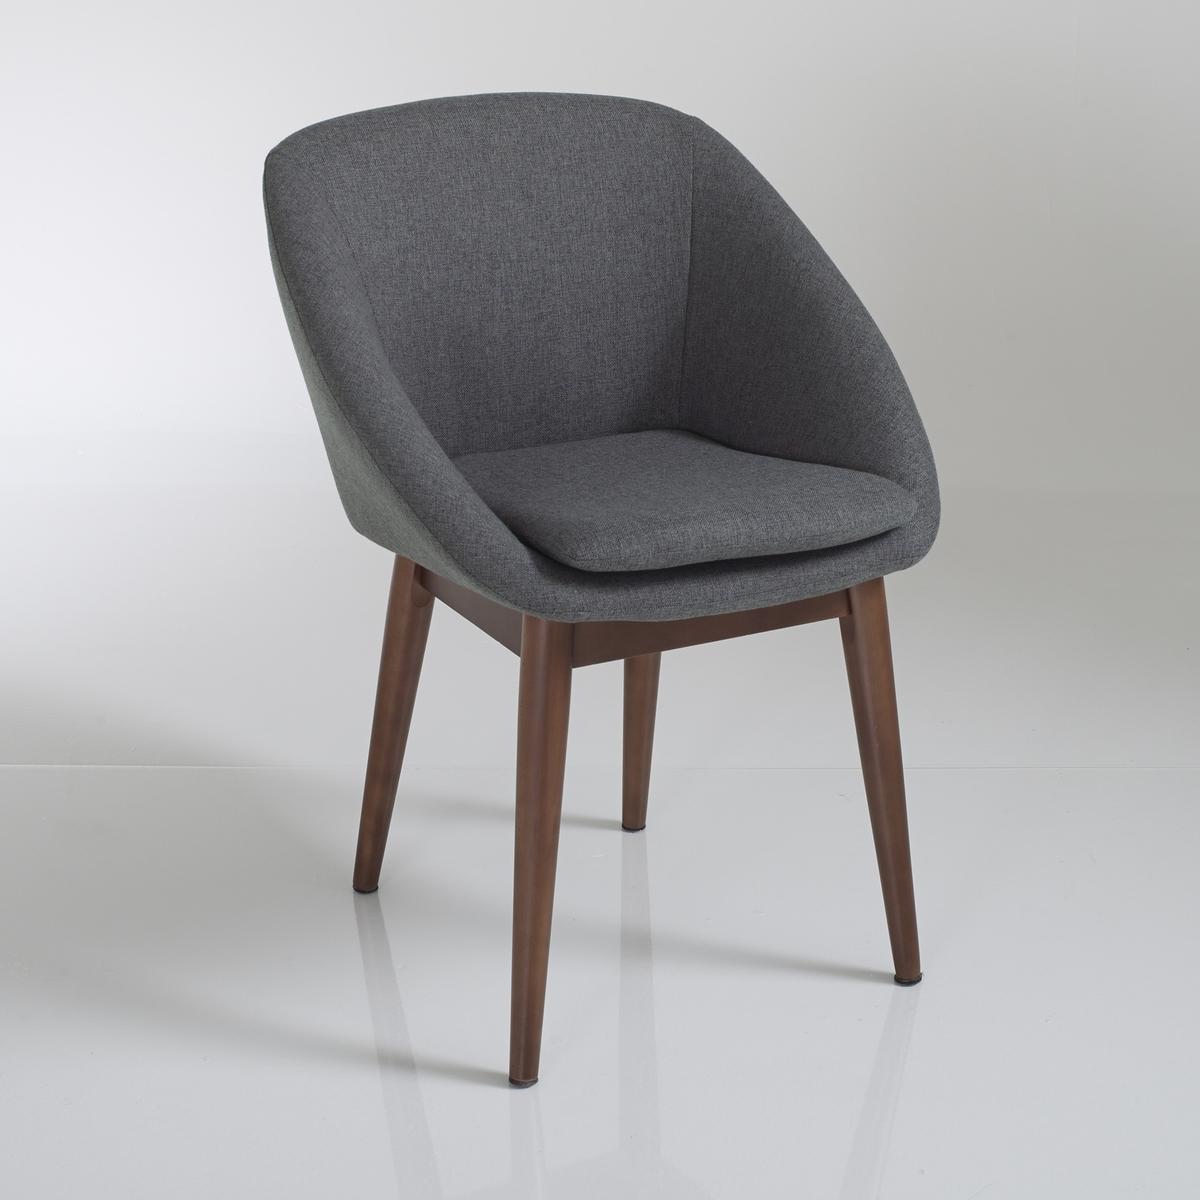 Кресло обеденное WATFORDОбеденное кресло  Watford   : обеденное или офисное кресло с удобными подлокотниками для большего стиля и комфорта !Размеры кресла  Watford   :Длина : 56 см  Высота : 79 смГлубина : 54 смСиденье : 33 x 49 x 43 смОписание  :Каркас сидения из фанеры и стали.Подвеска в виде эластичных перекрещенных ремней, закрепленных скобами .Ножки из массива березы, лаковое нитроцеллюлозное покрытие под орех.Обивка 100% полиэстер.Комфорт :Каркас :наполнитель из полиуретановой пены, 24 кг/м?.Для оптимального качества и устойчивости рекомендуется надежно затянуть болты . Доставка :Обеденное кресло Watford продается в полуразобранном состоянии (необходимо прикрутить ножки) . Доставка будет осуществлена до вашей квартиры по предварительному согласованию !Внимание ! Убедитесь, что дверные, лестничные и лифтовые проемы позволяют осуществить доставку коробки таких габаритов .Размеры и вес упаковки :1 коробка64 x 32x  62 см, 10 кг<br><br>Цвет: антрацит